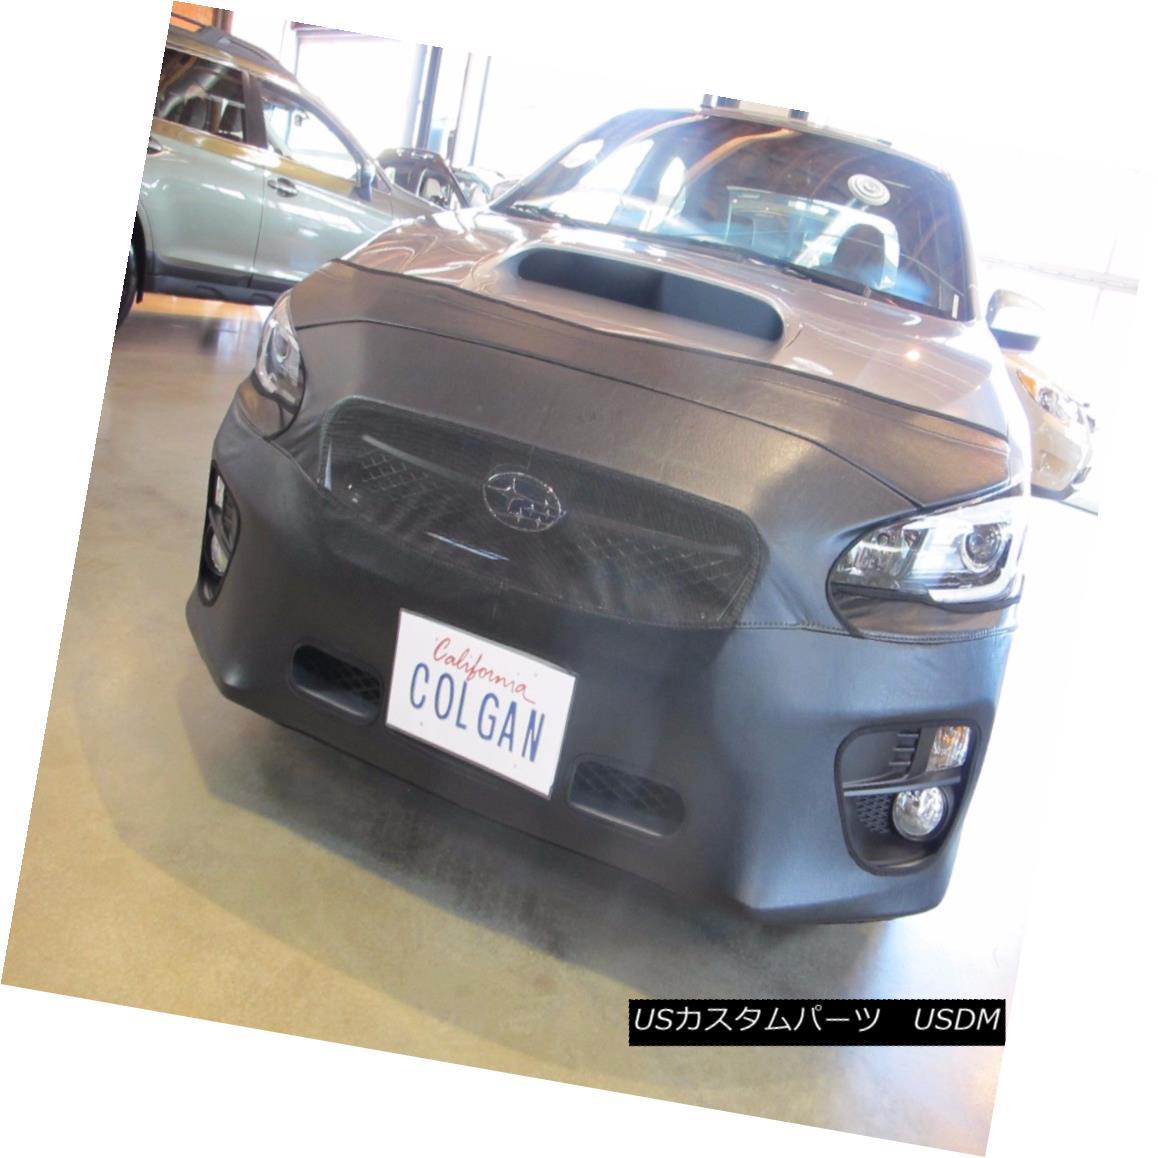 フルブラ ノーズブラ Colgan Front End Mask Bra 2pc. Fits Subaru Outback 2.5i Lim&PREM 2015-16 W/O TAG コルガンフロントエンドマスクブラ2pc Subaru Outback 2.5i Lim&PREM 2015-16 W / O TAGに適合